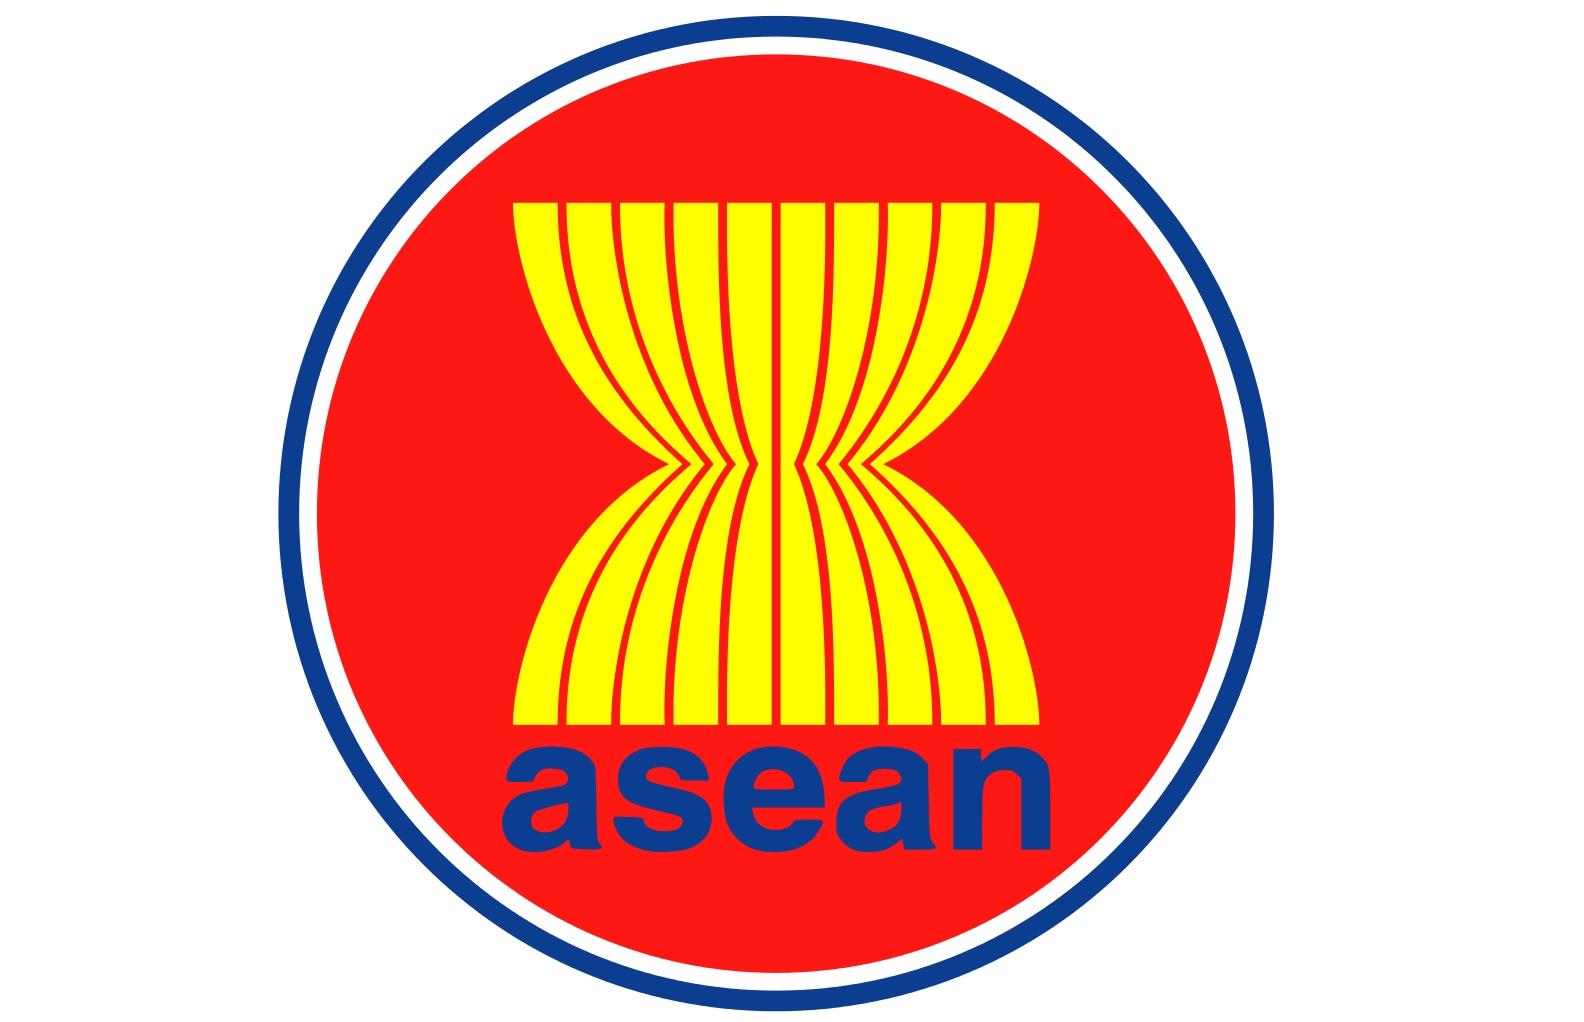 Foto: www.asean.org